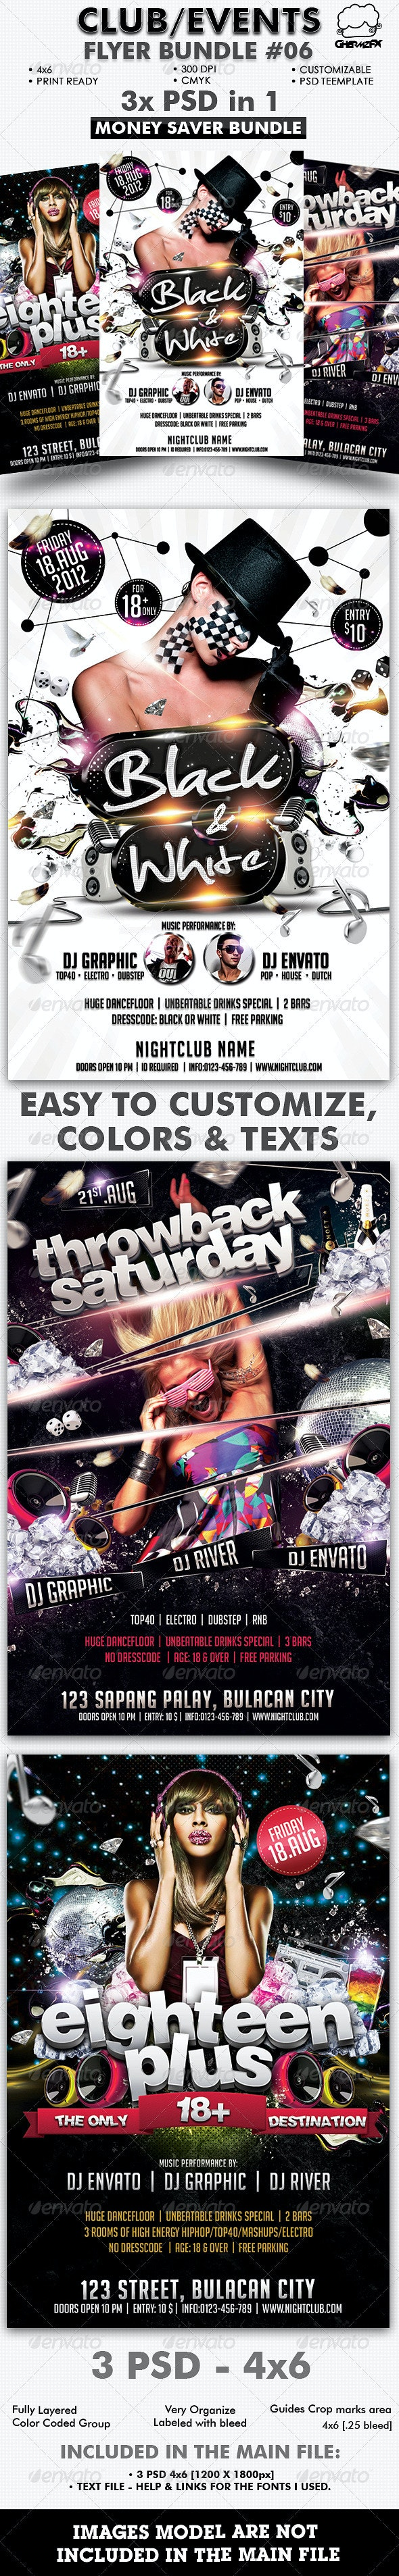 Club/Events Flyer Bundle #06 - Flyers Print Templates